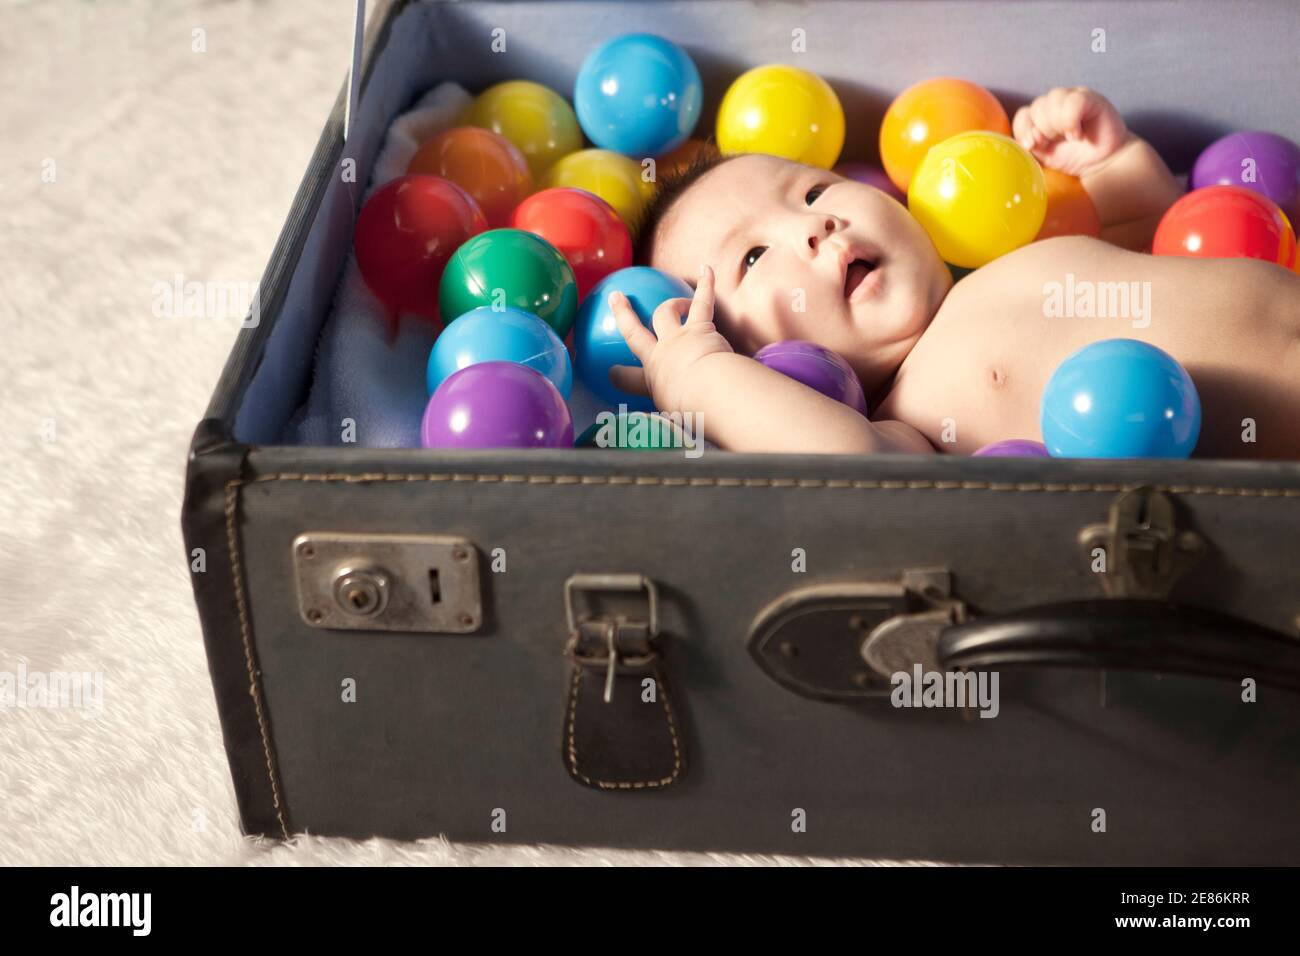 Un bébé allongé dans la valise avec des boules de couleur photo de haute qualité Banque D'Images